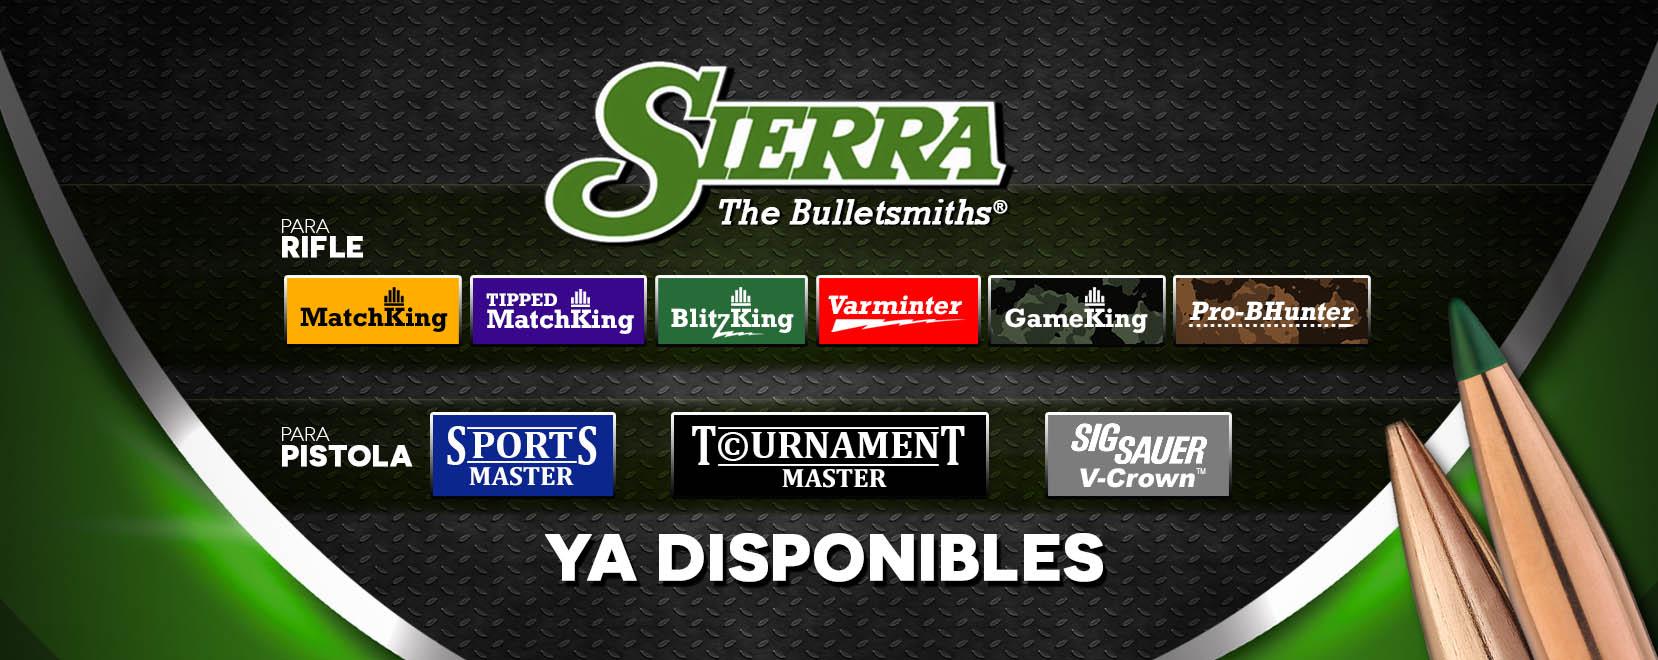 Puntas Sierra en LejarazuSport.com Ya disponibles!